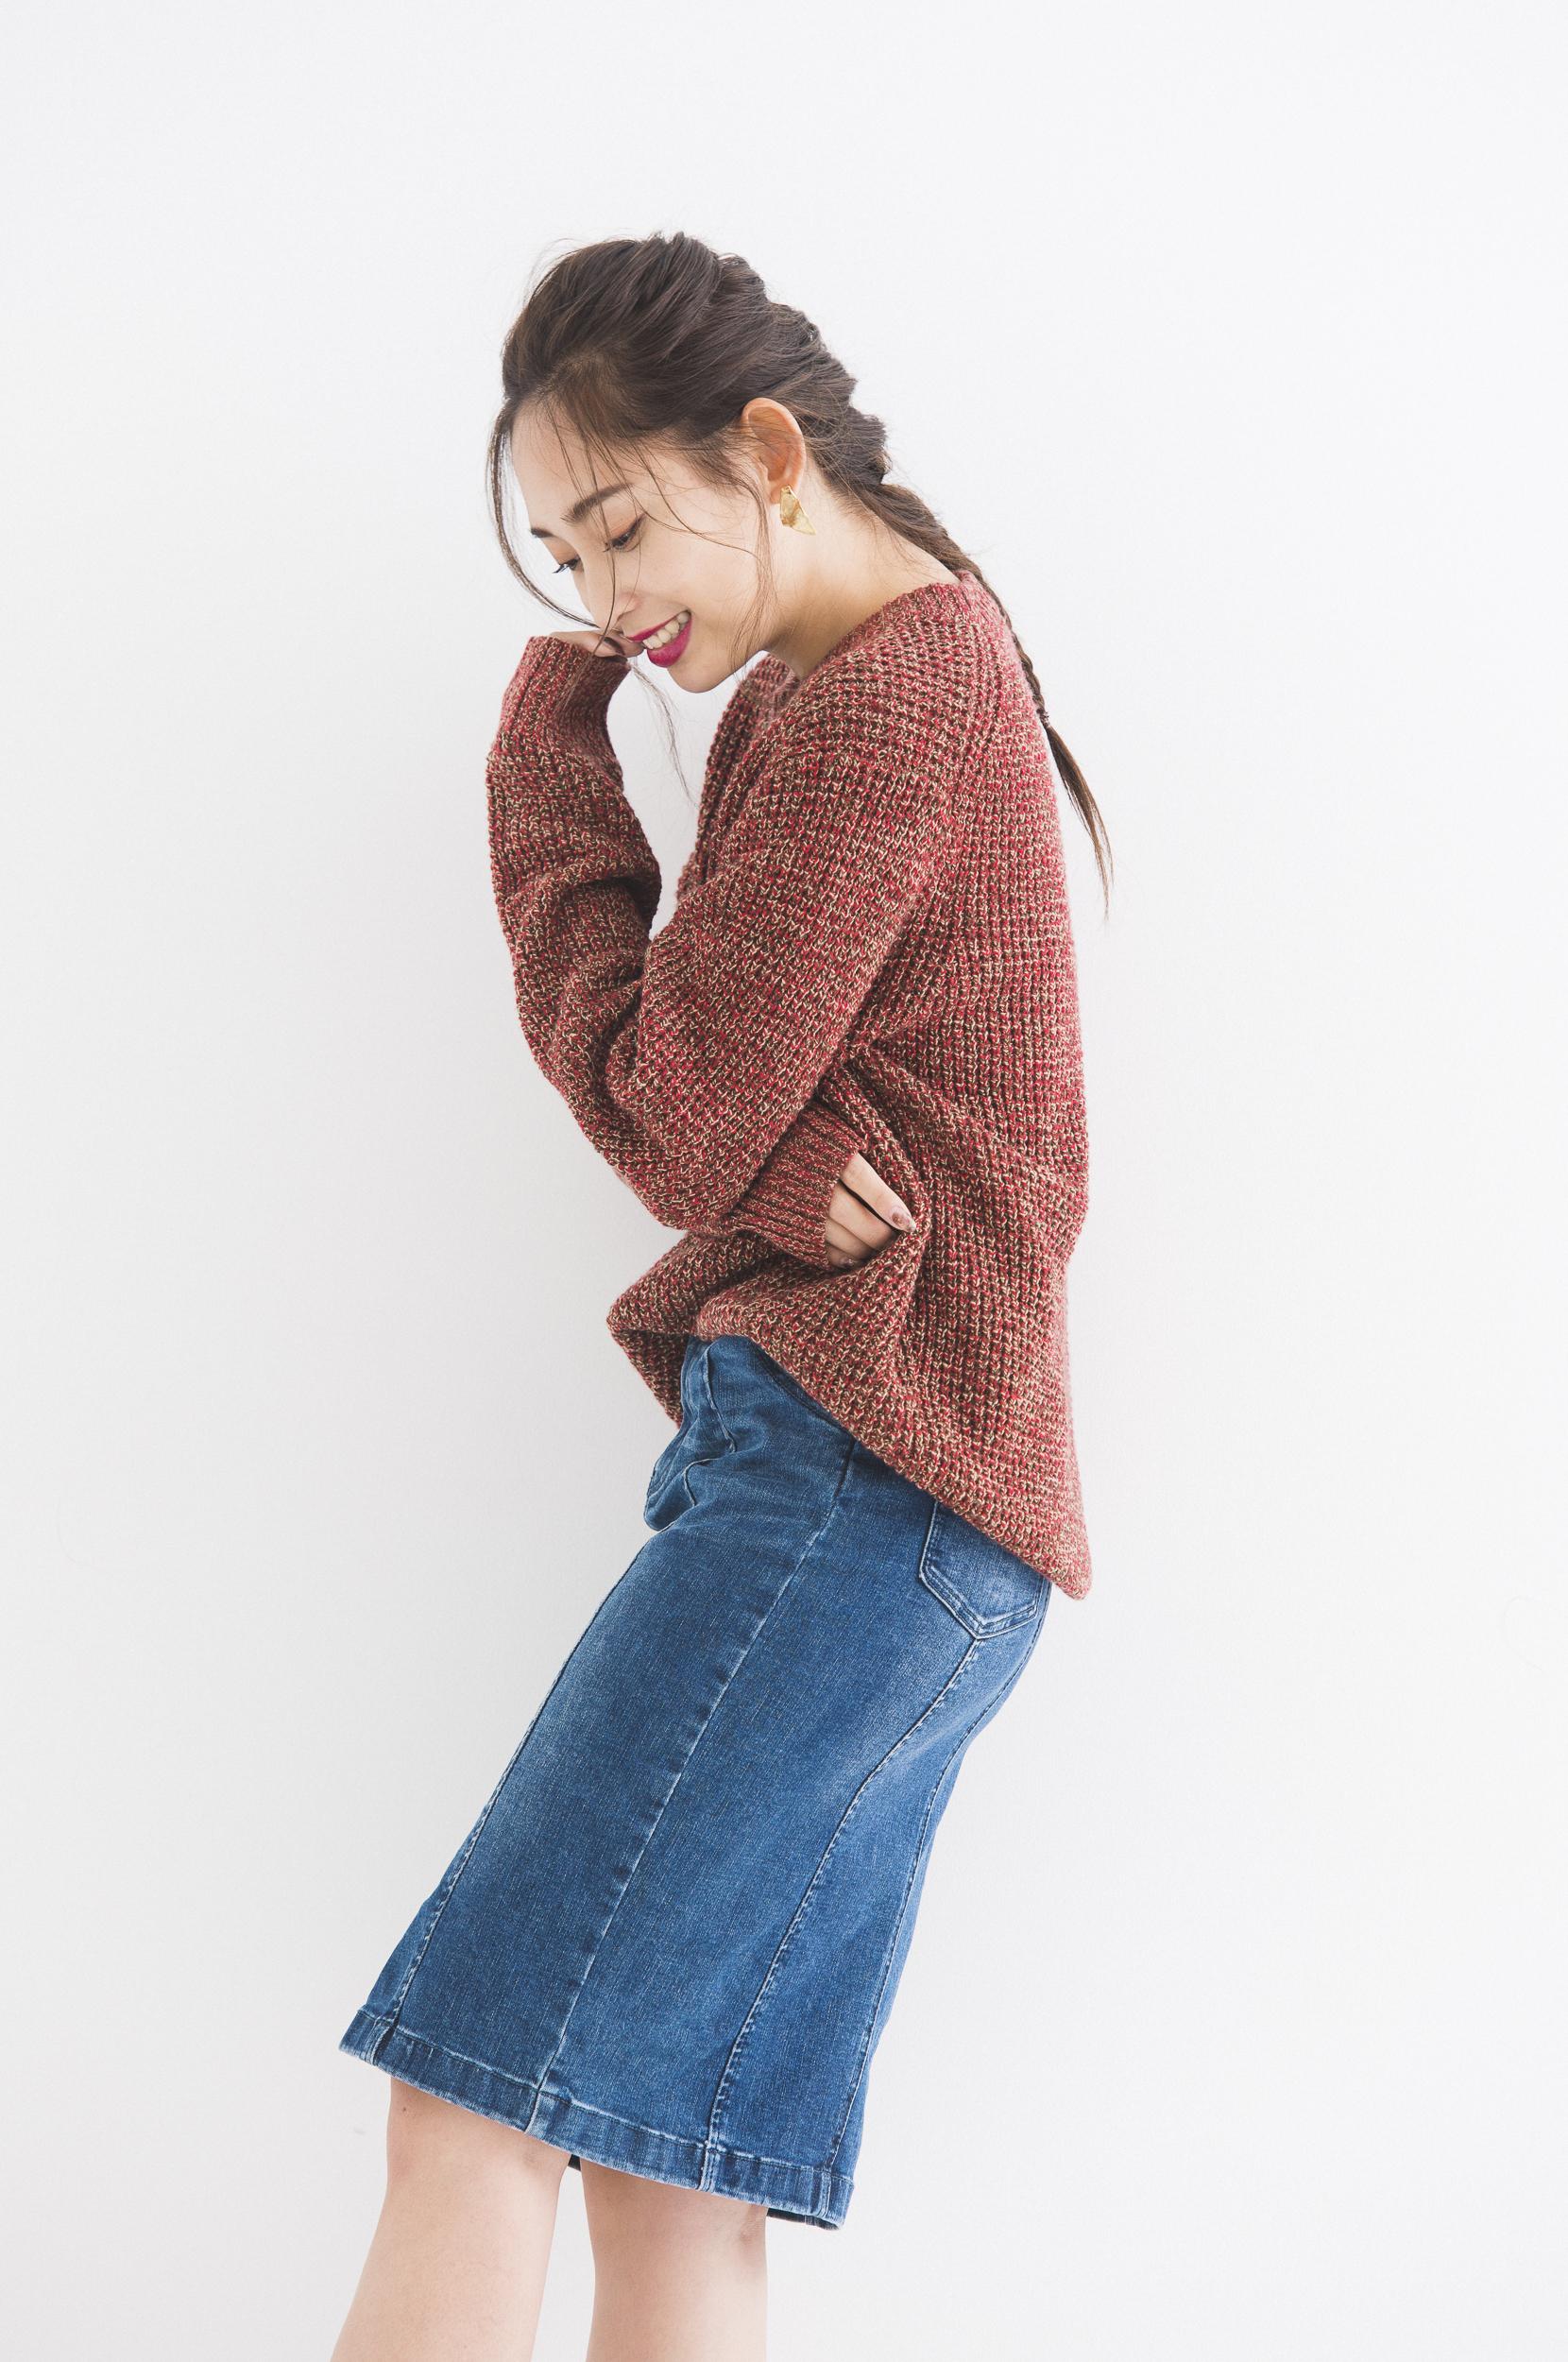 ユニクロ,ワッフルクルーネックセーター(メンズ)¥2,990+消費税,